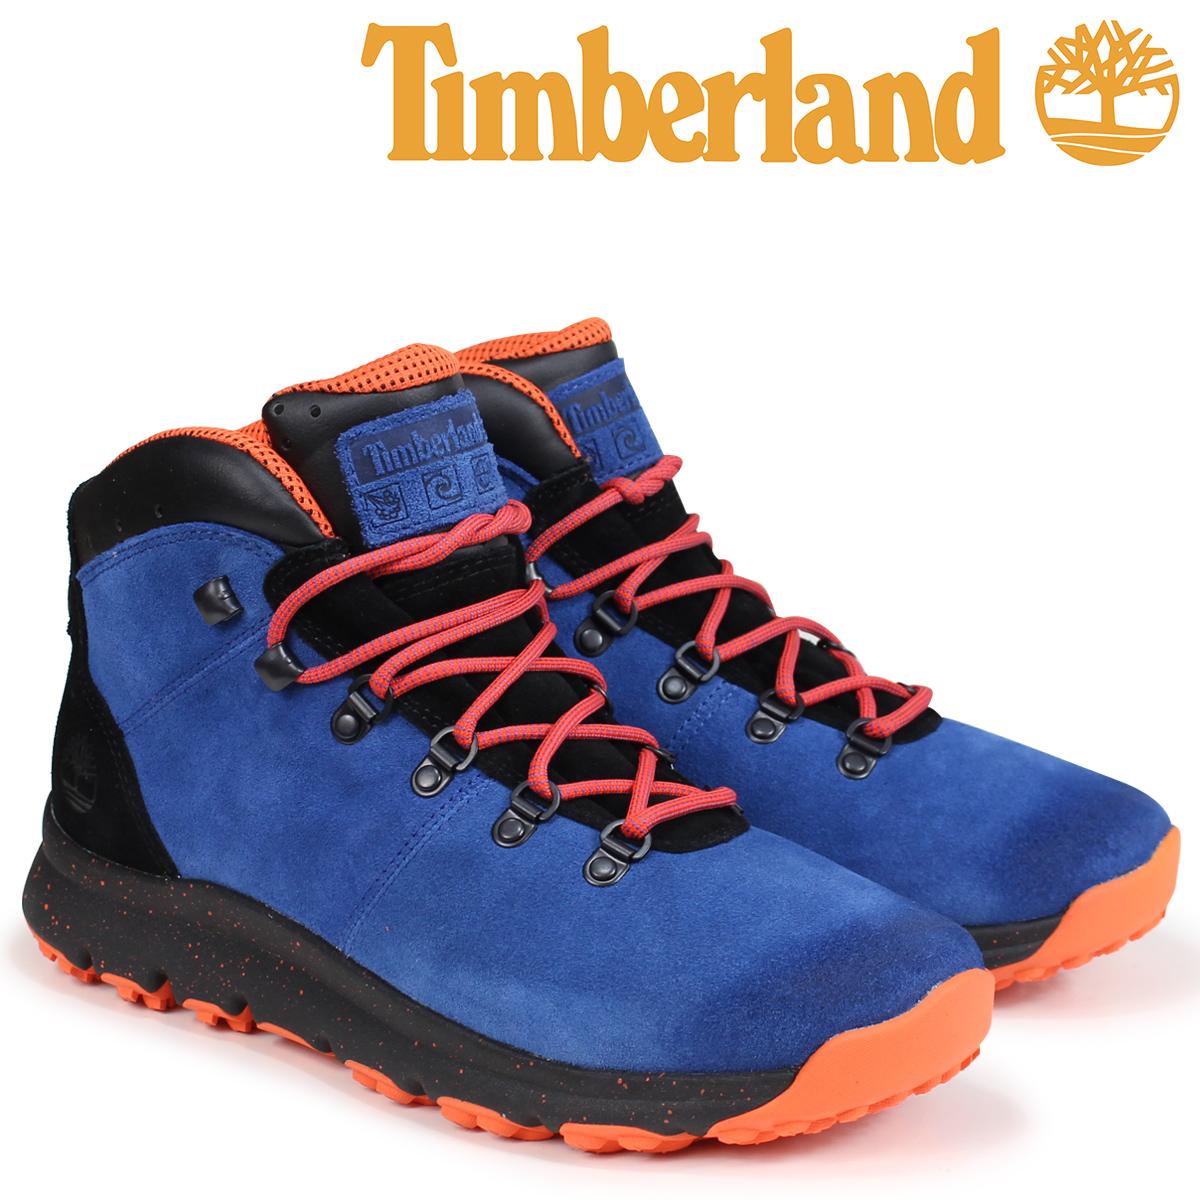 超格安価格 ティンバーランド ブーツ メンズ Timberland WORLD WORLD HIKER [9/5 A1RFR ブーツ Wワイズ ブルー [9/5 新入荷], ツールショップキカイヤ:e949d234 --- pokemongo-mtm.xyz